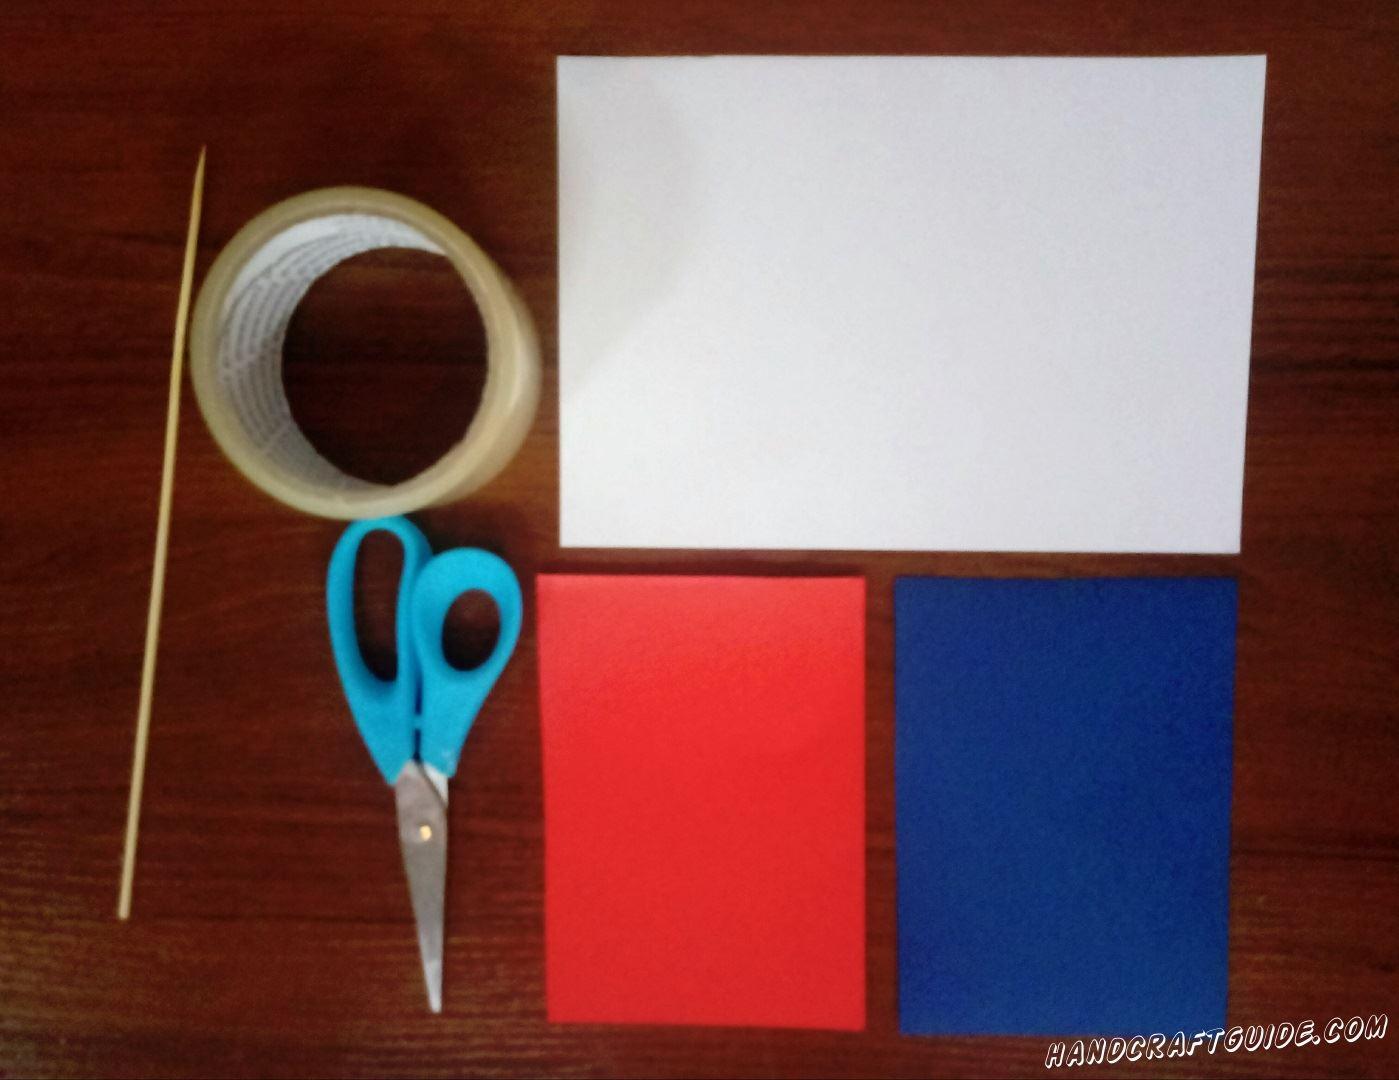 Берём синий лист бумаги А4 и отрезаем от него 1/3 часть по горизонтали. Чтоб узнать сколько это, можно использовать линейку:)  Потом такую же частичку вырезаем из красной. С этим будет полегче, ведь мы можем просто приложить нашу синюю часть и просто вырезать ровно такую же.